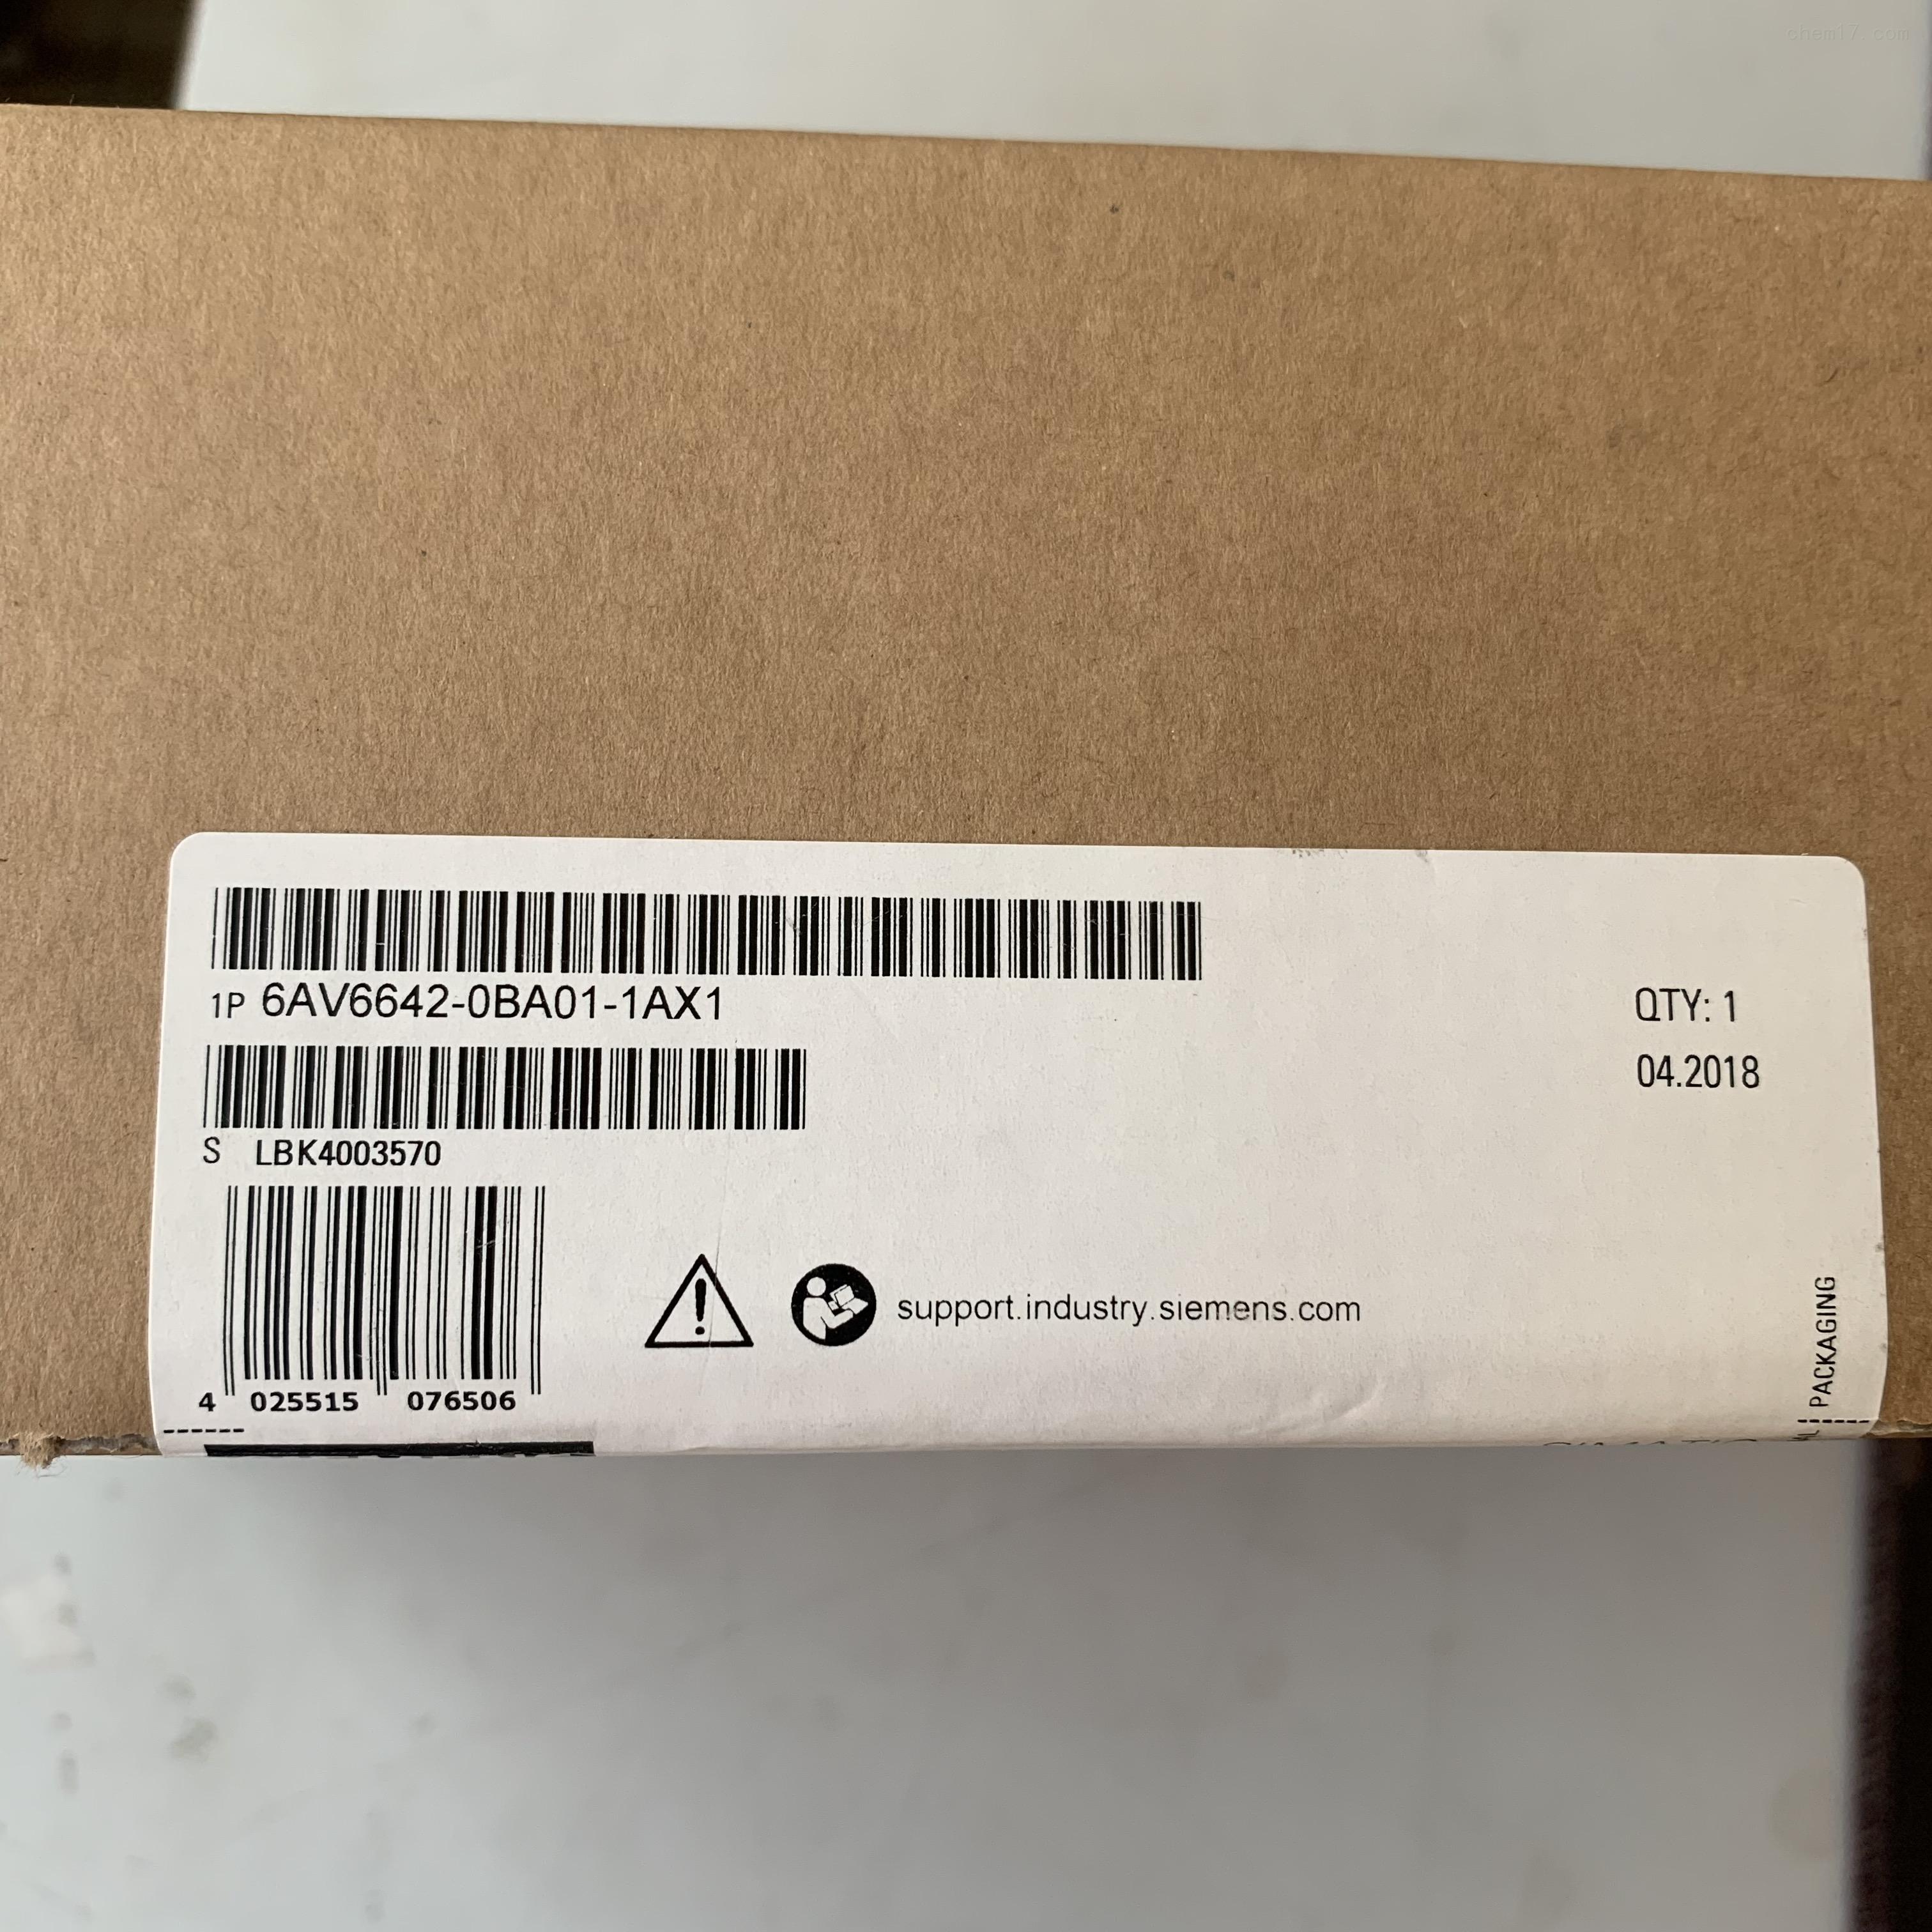 遂宁西门子TP 177B PN/DP触摸屏模块代理商